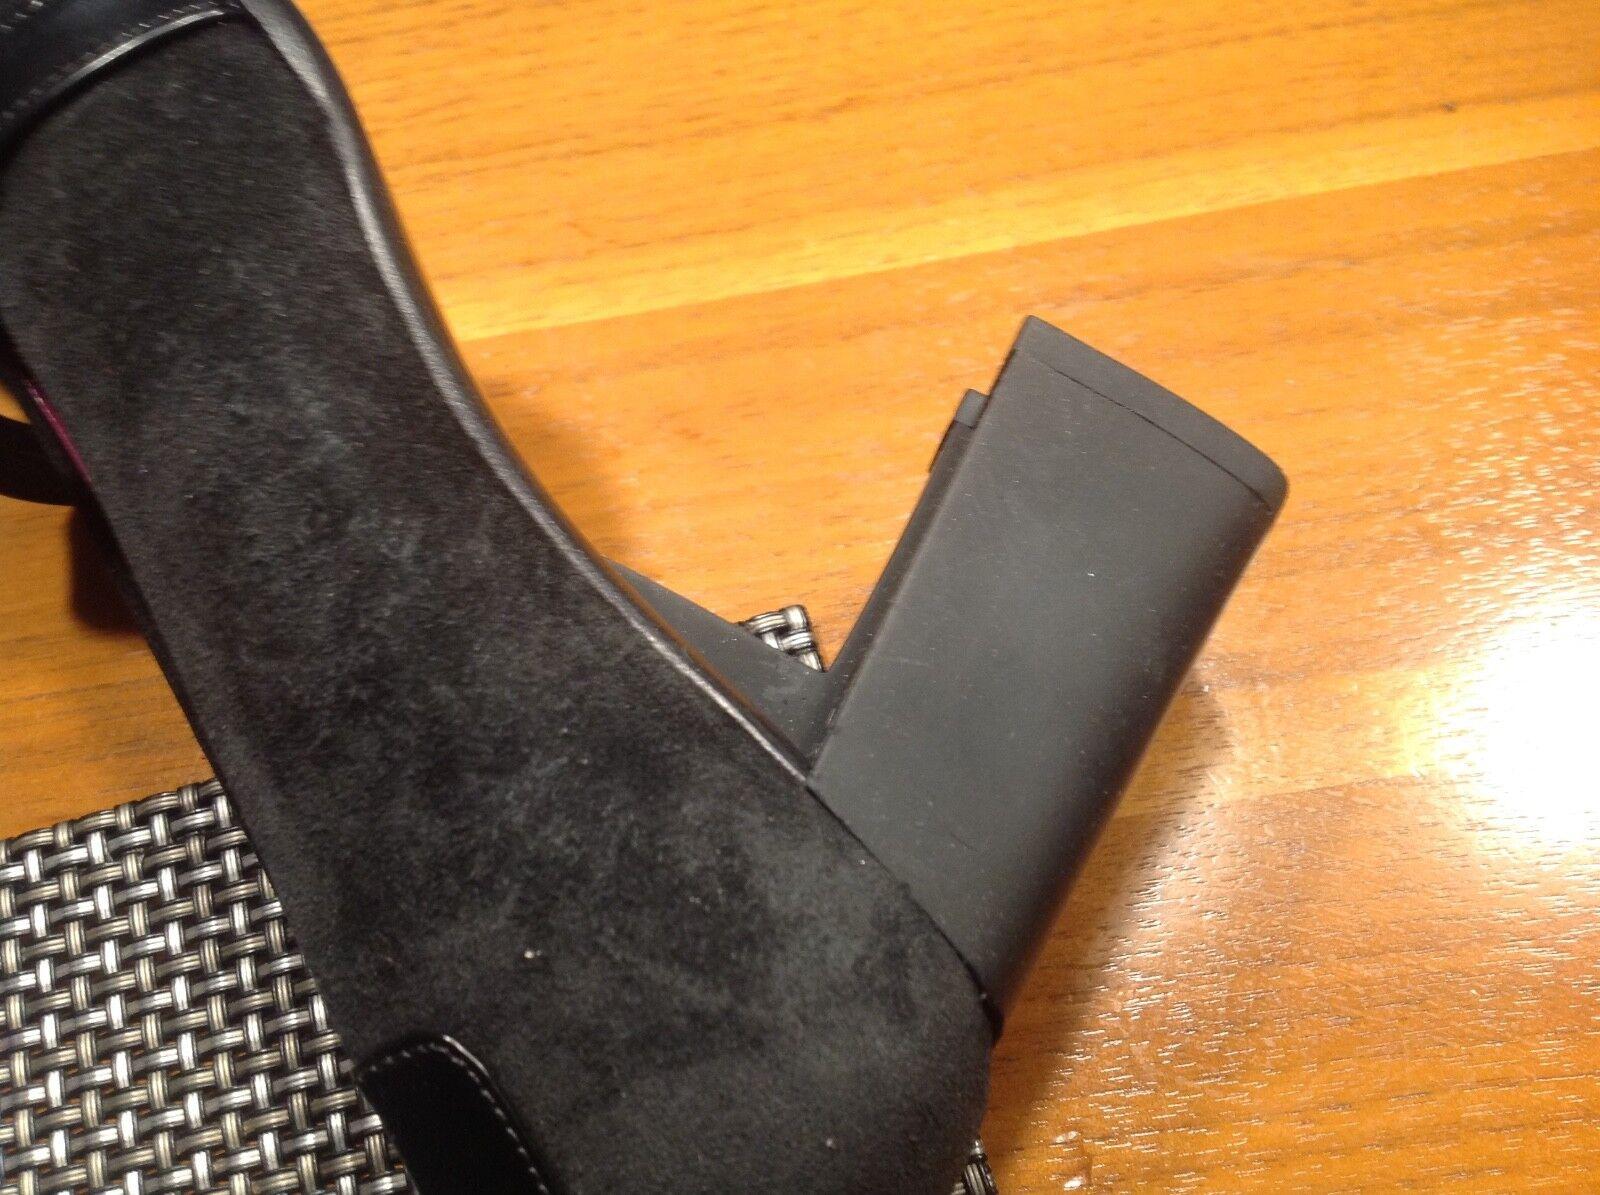 Bamar pums luxus aus italien neu vollleder vollleder vollleder 36,5 schwarz NP199 a93bca